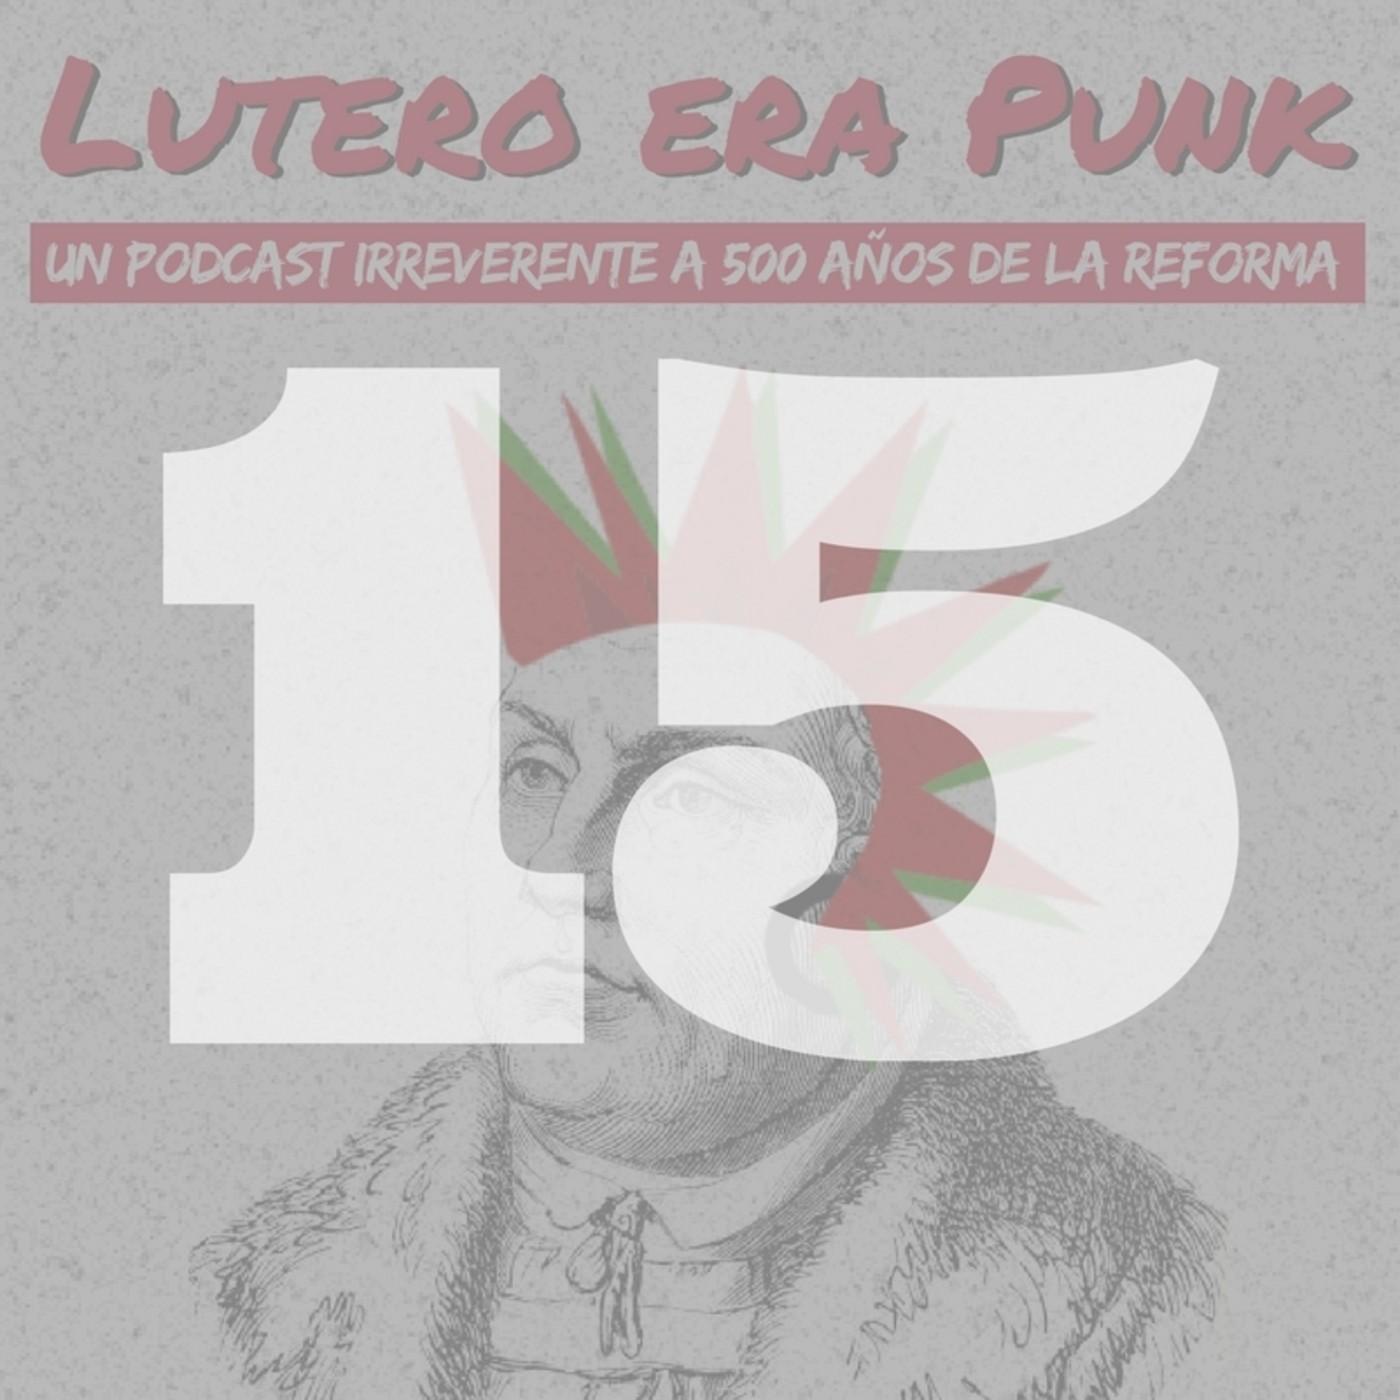 Lutero era punk | Capítulo 15